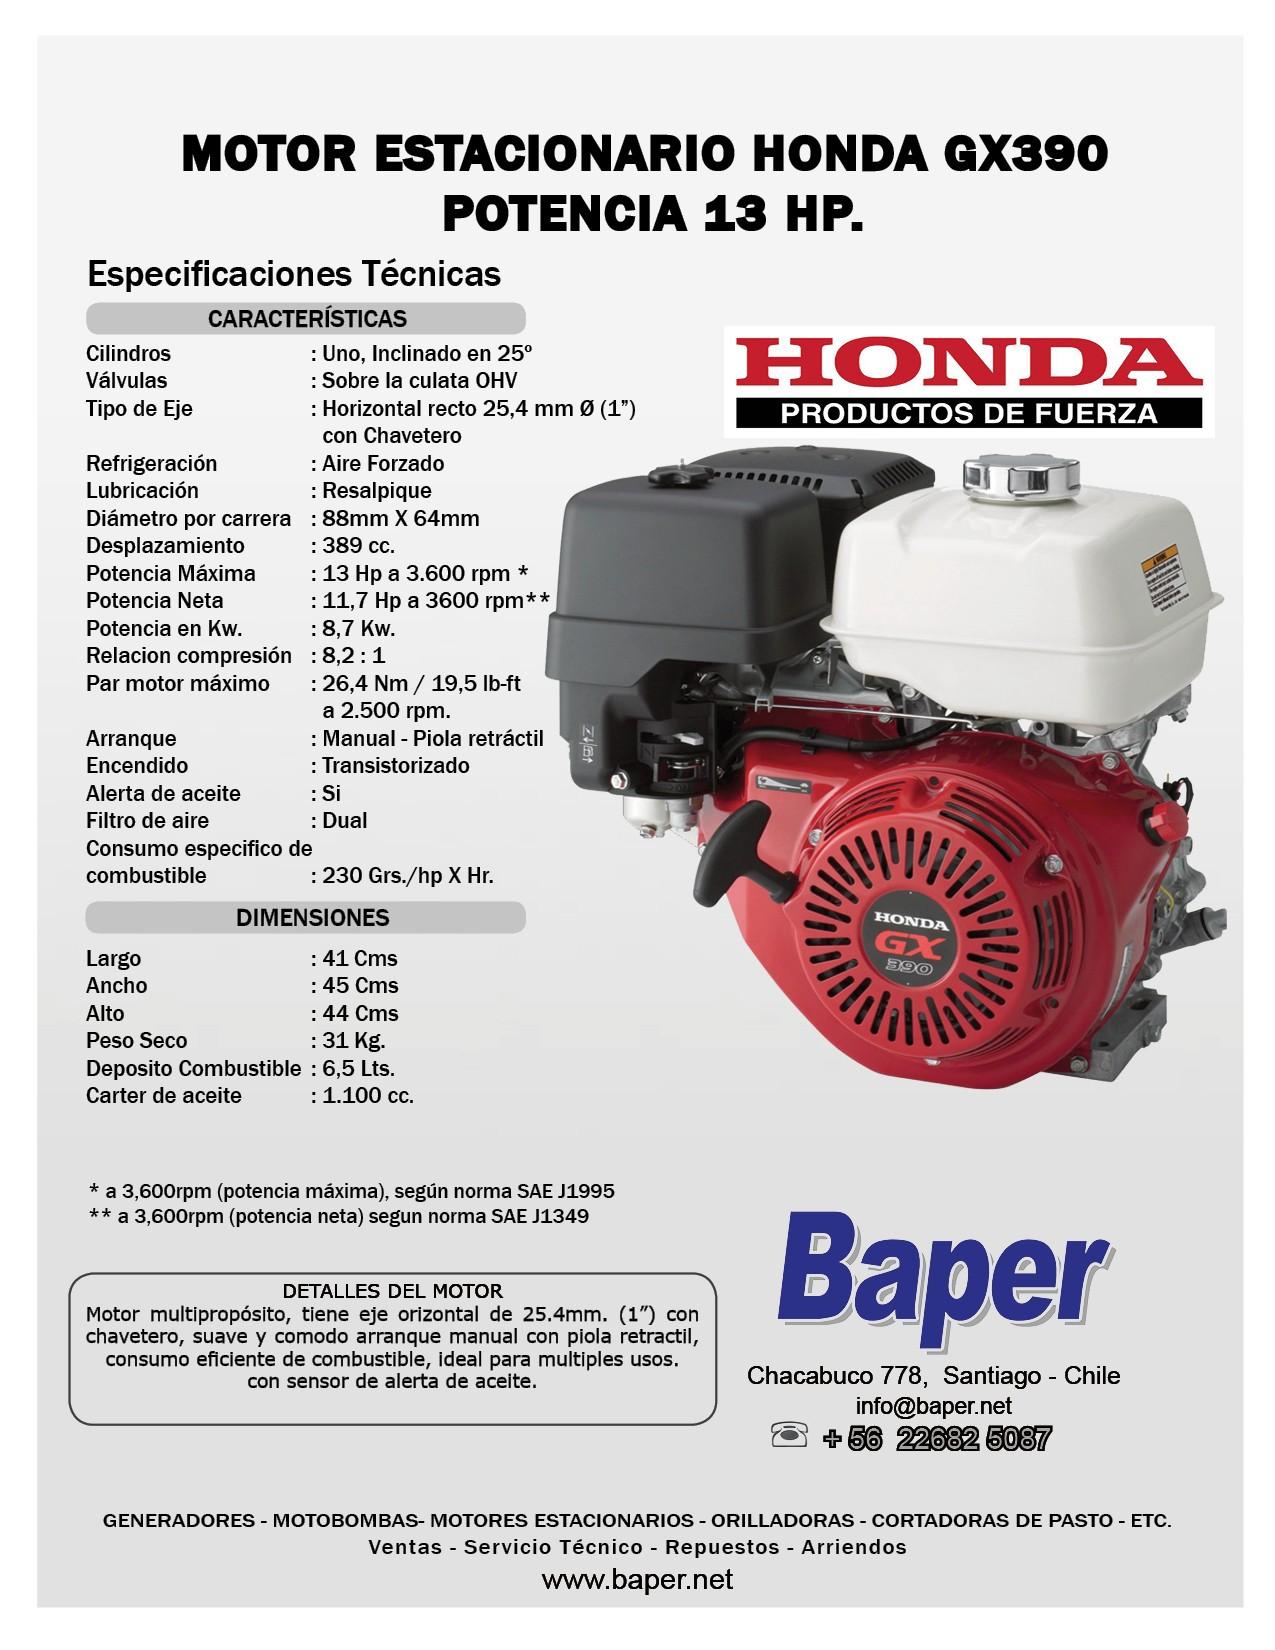 Honda Gx390 Parts Diagram Unique Predator 420cc Wiring Engine Motor Estacionario Bencinero 13hp Arranque Manual Baper Of